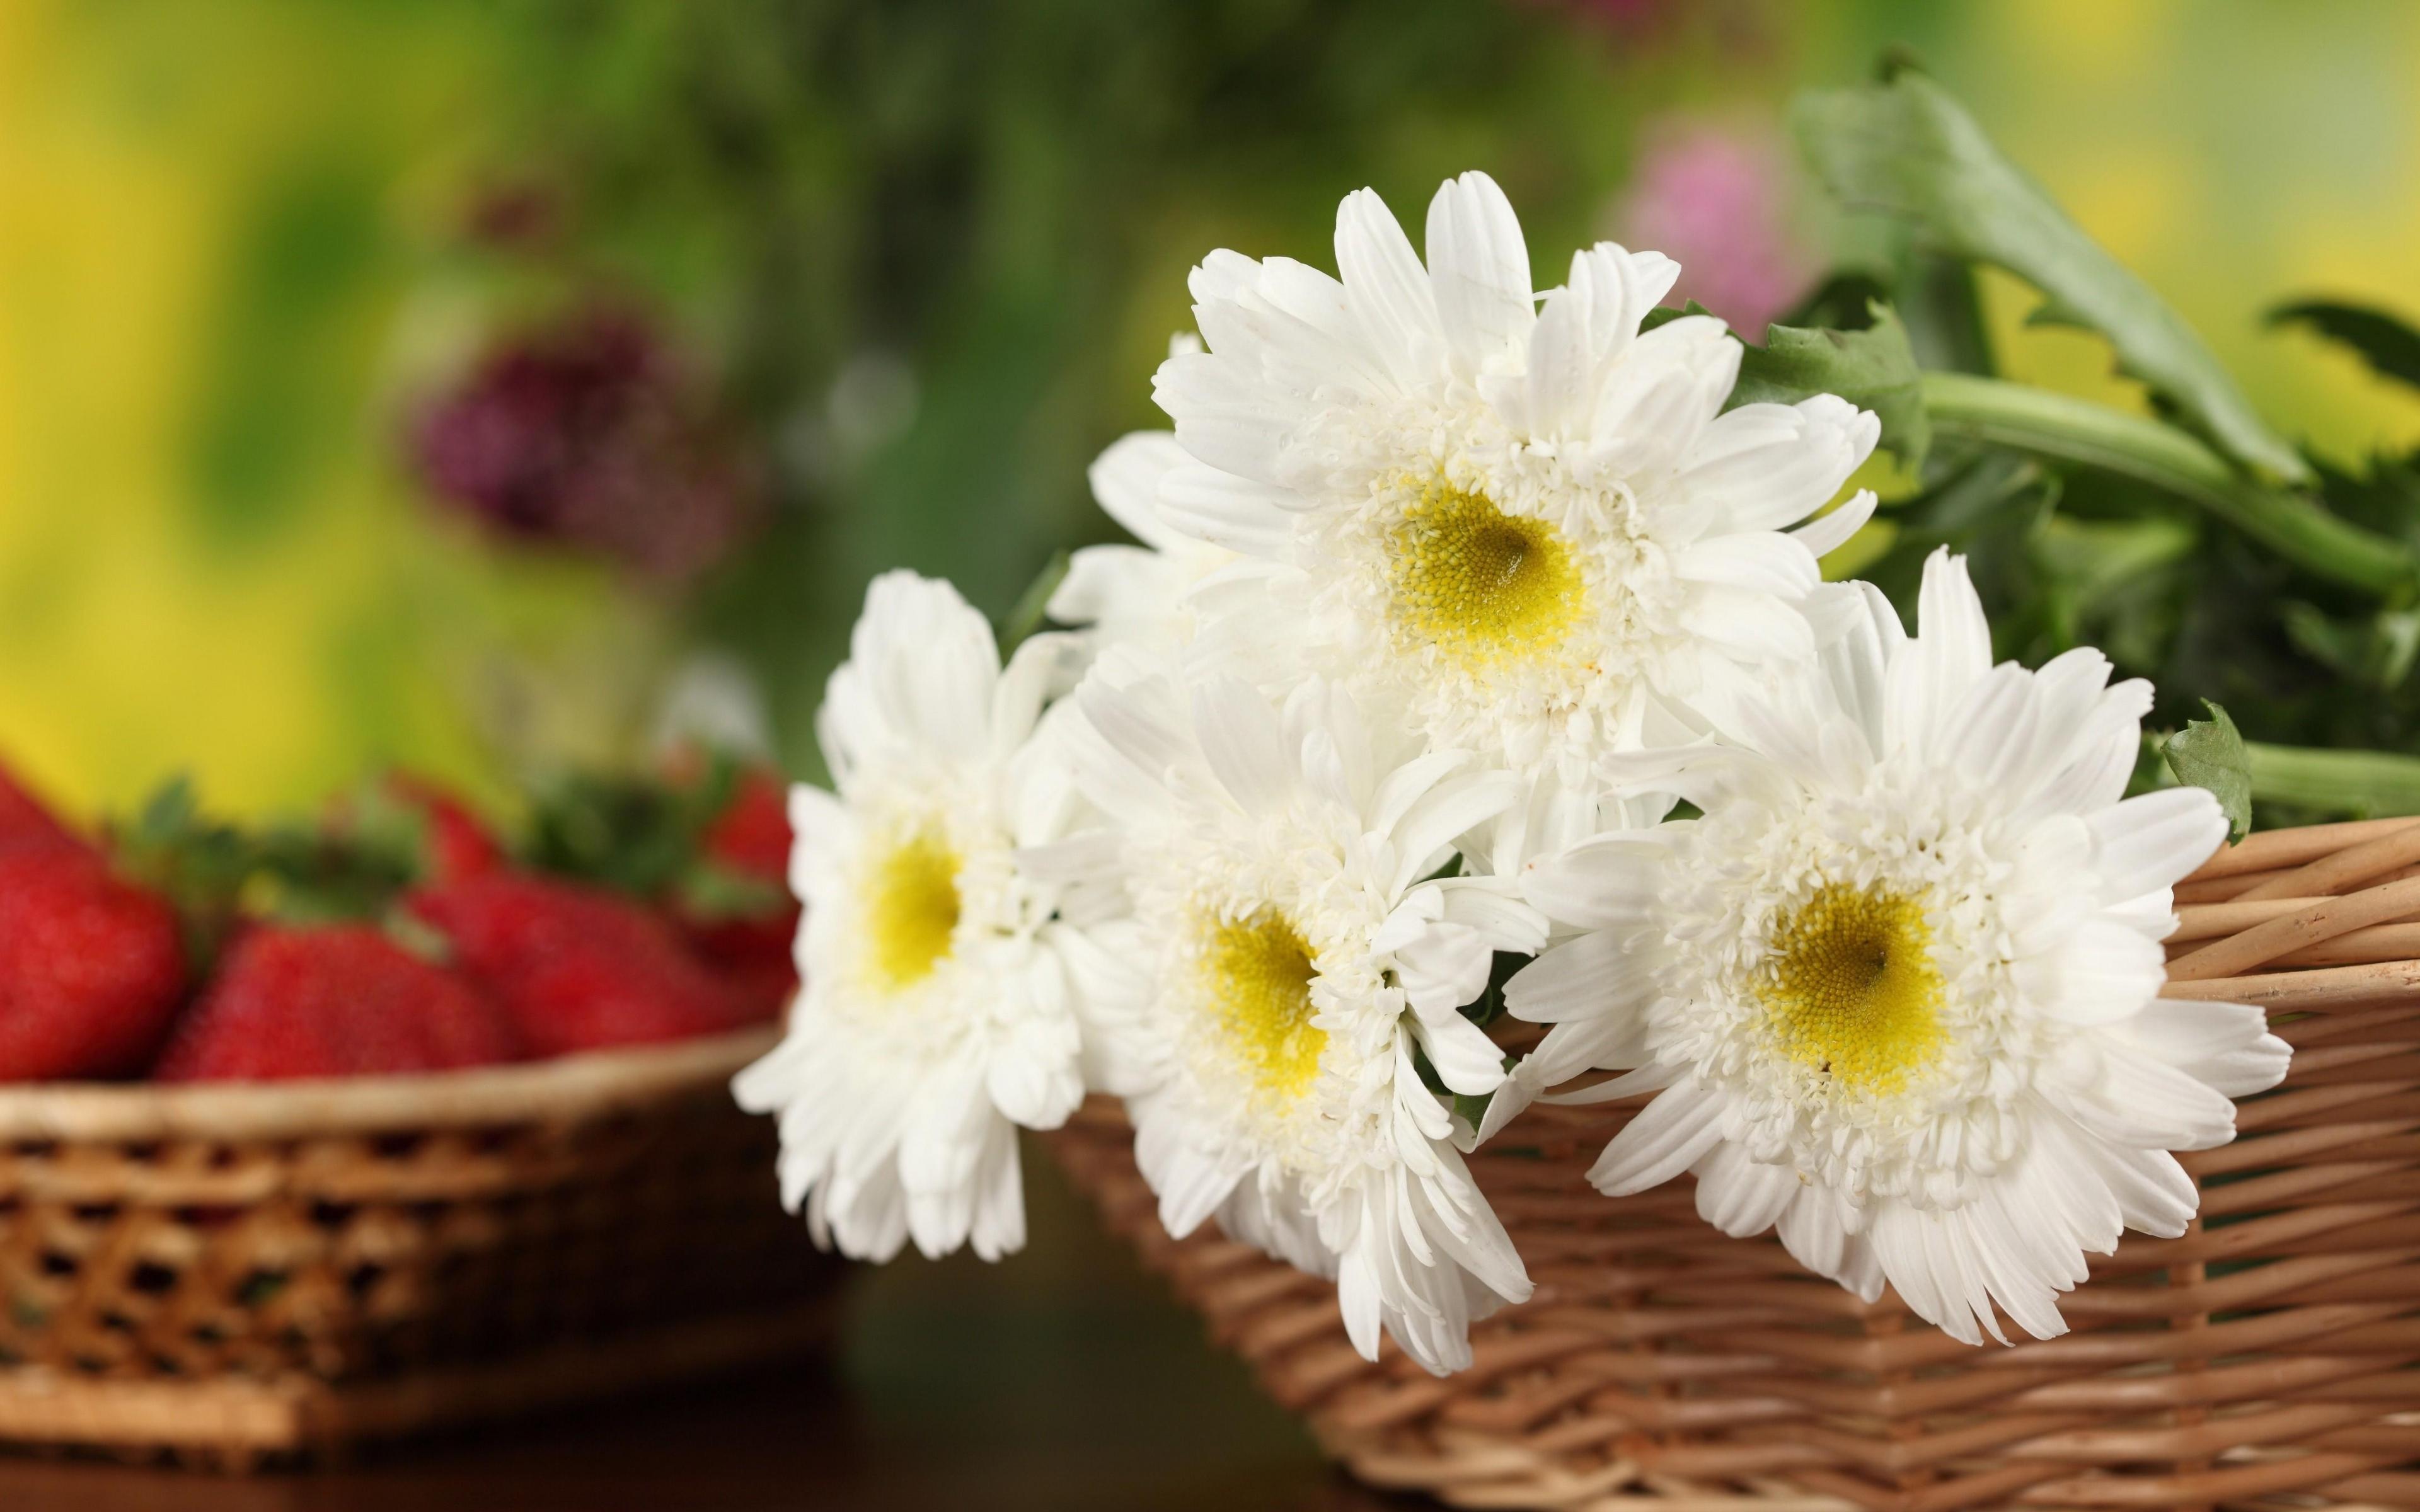 Обои на рабочий стол Цветы хризантемы   подборка (27)